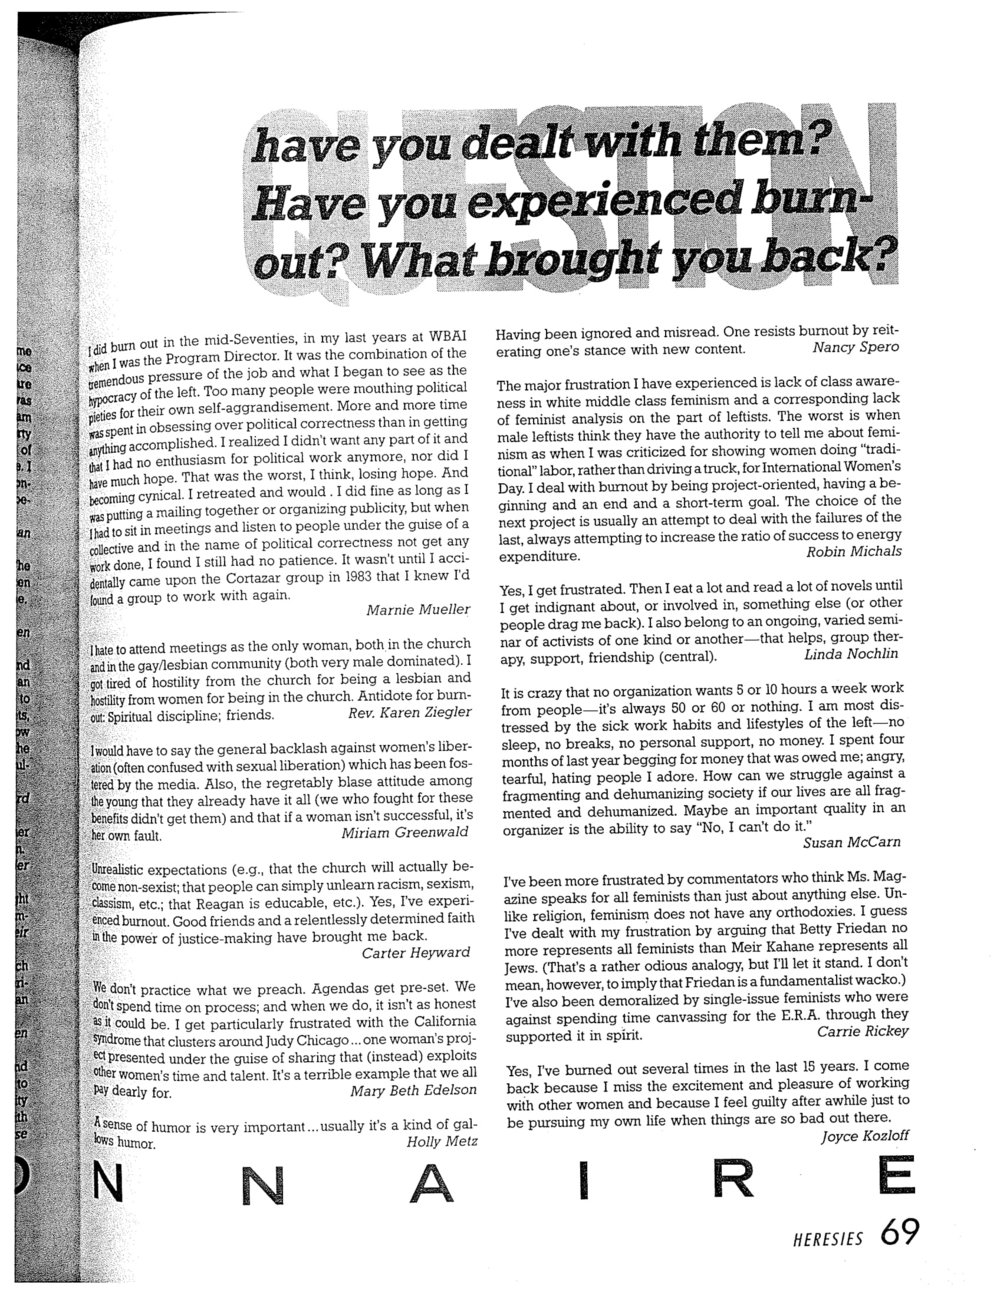 heresies20-70-71-2.jpg